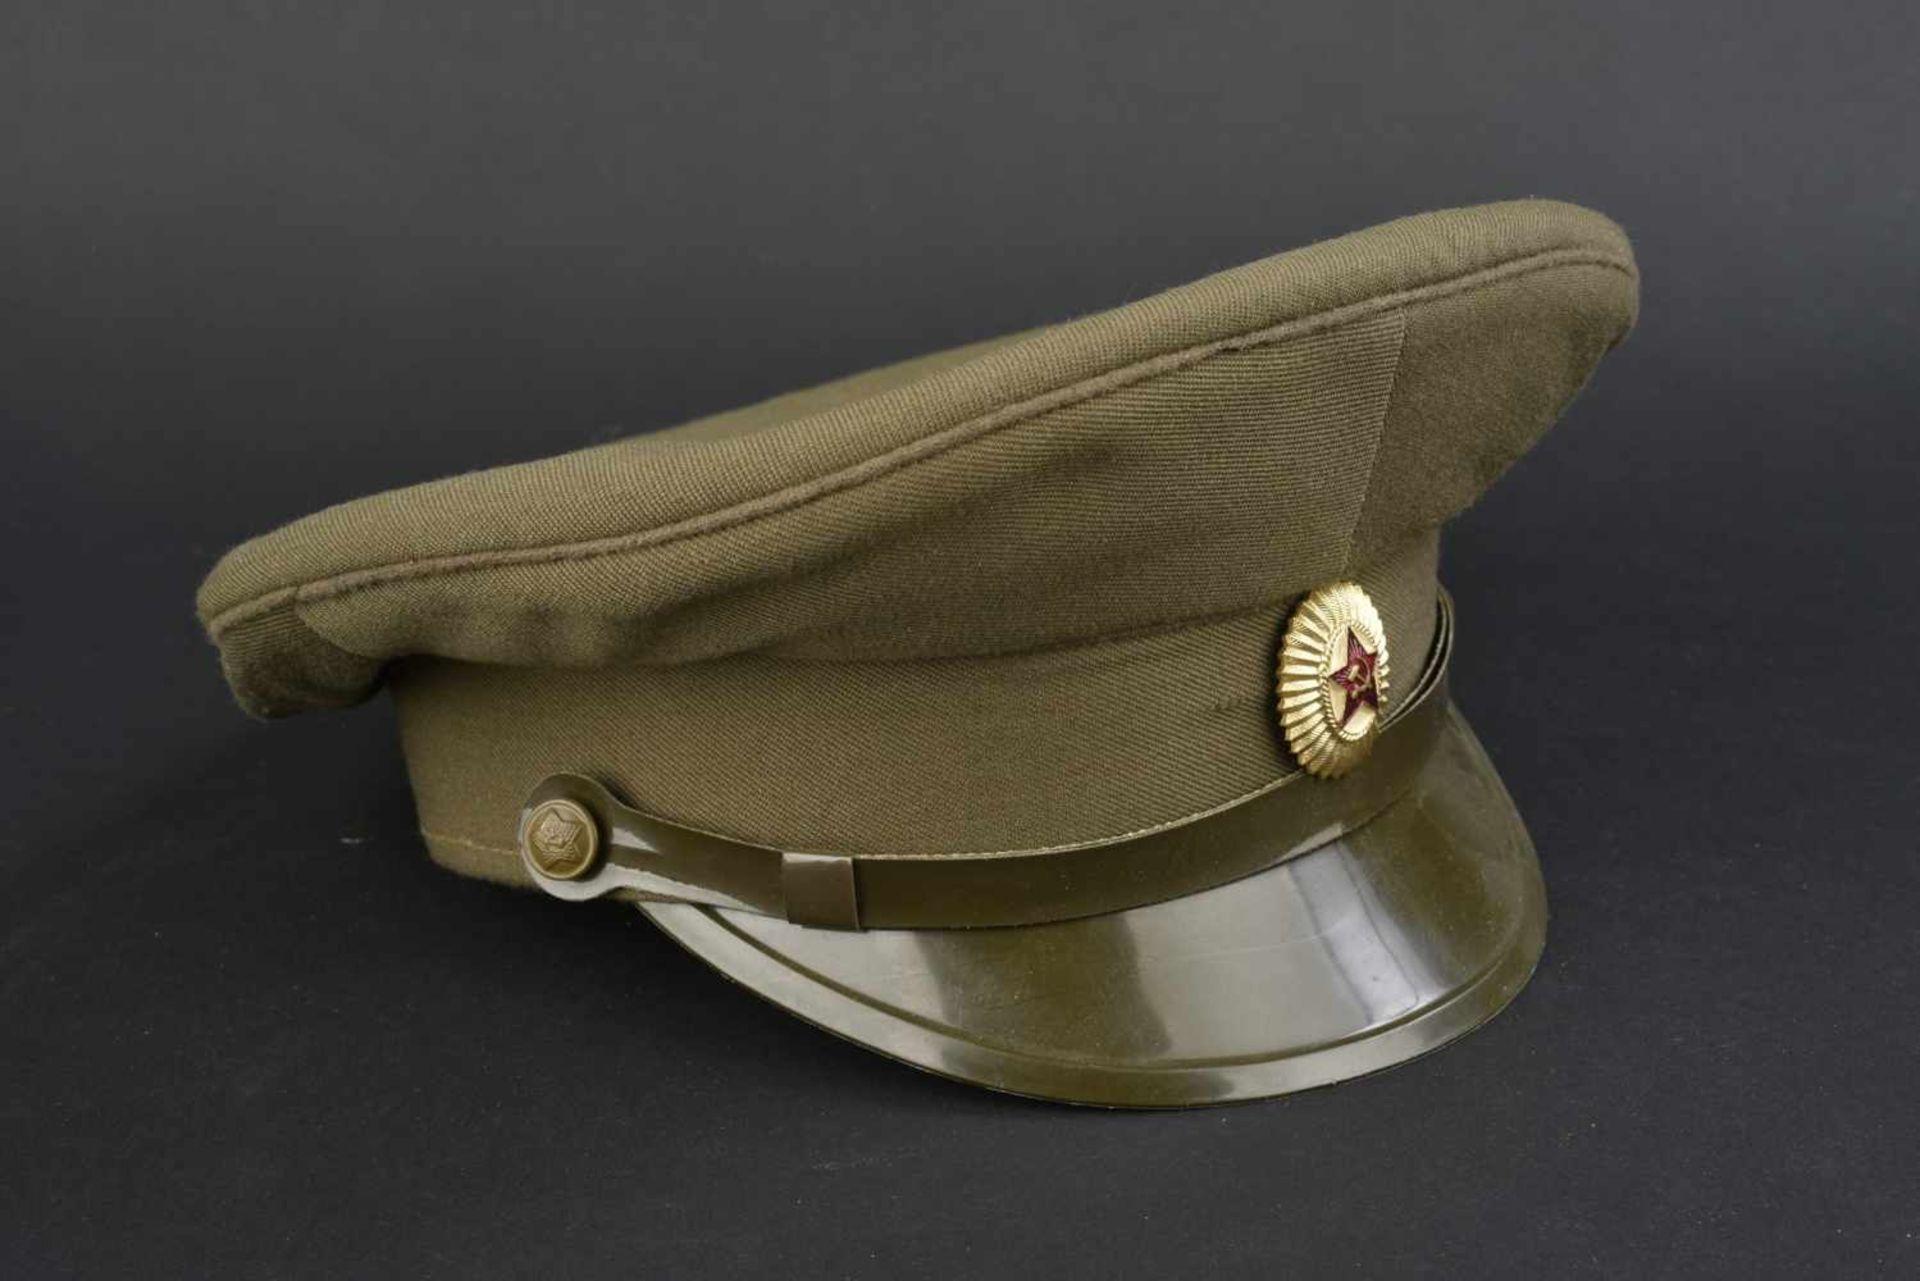 Casquette combat officier soviétique En tissu kaki, insigne métallique. Jugulaire complète.